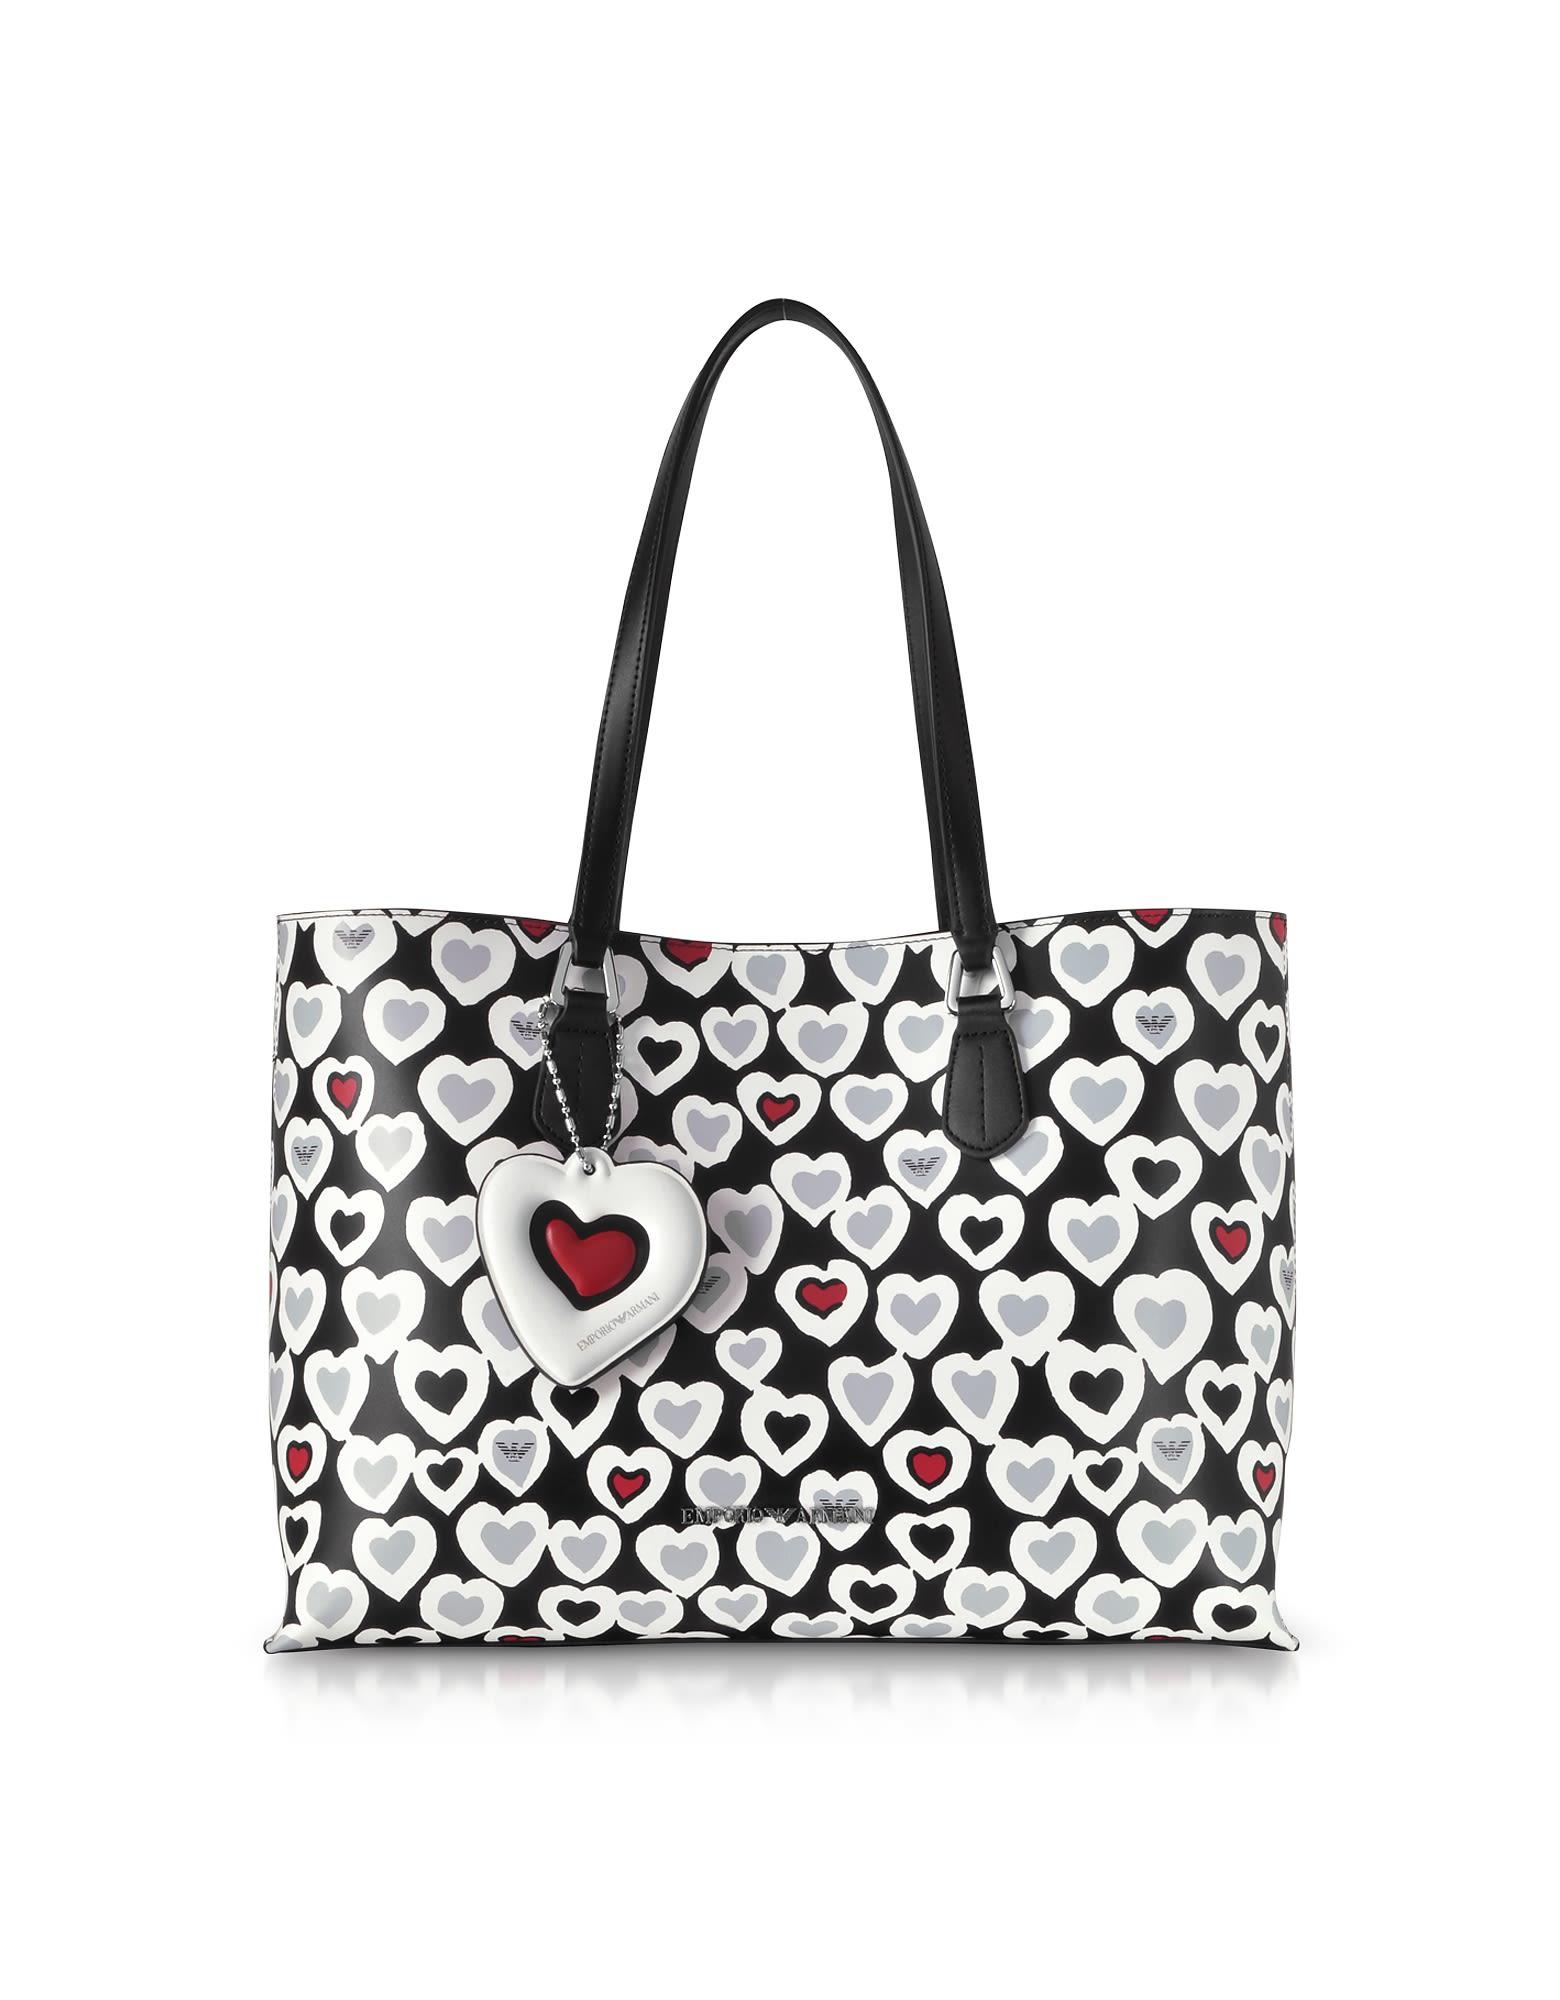 cd9a5dd27a8c Emporio Armani Emporio Armani Heart Print Tote Bag - Black ...